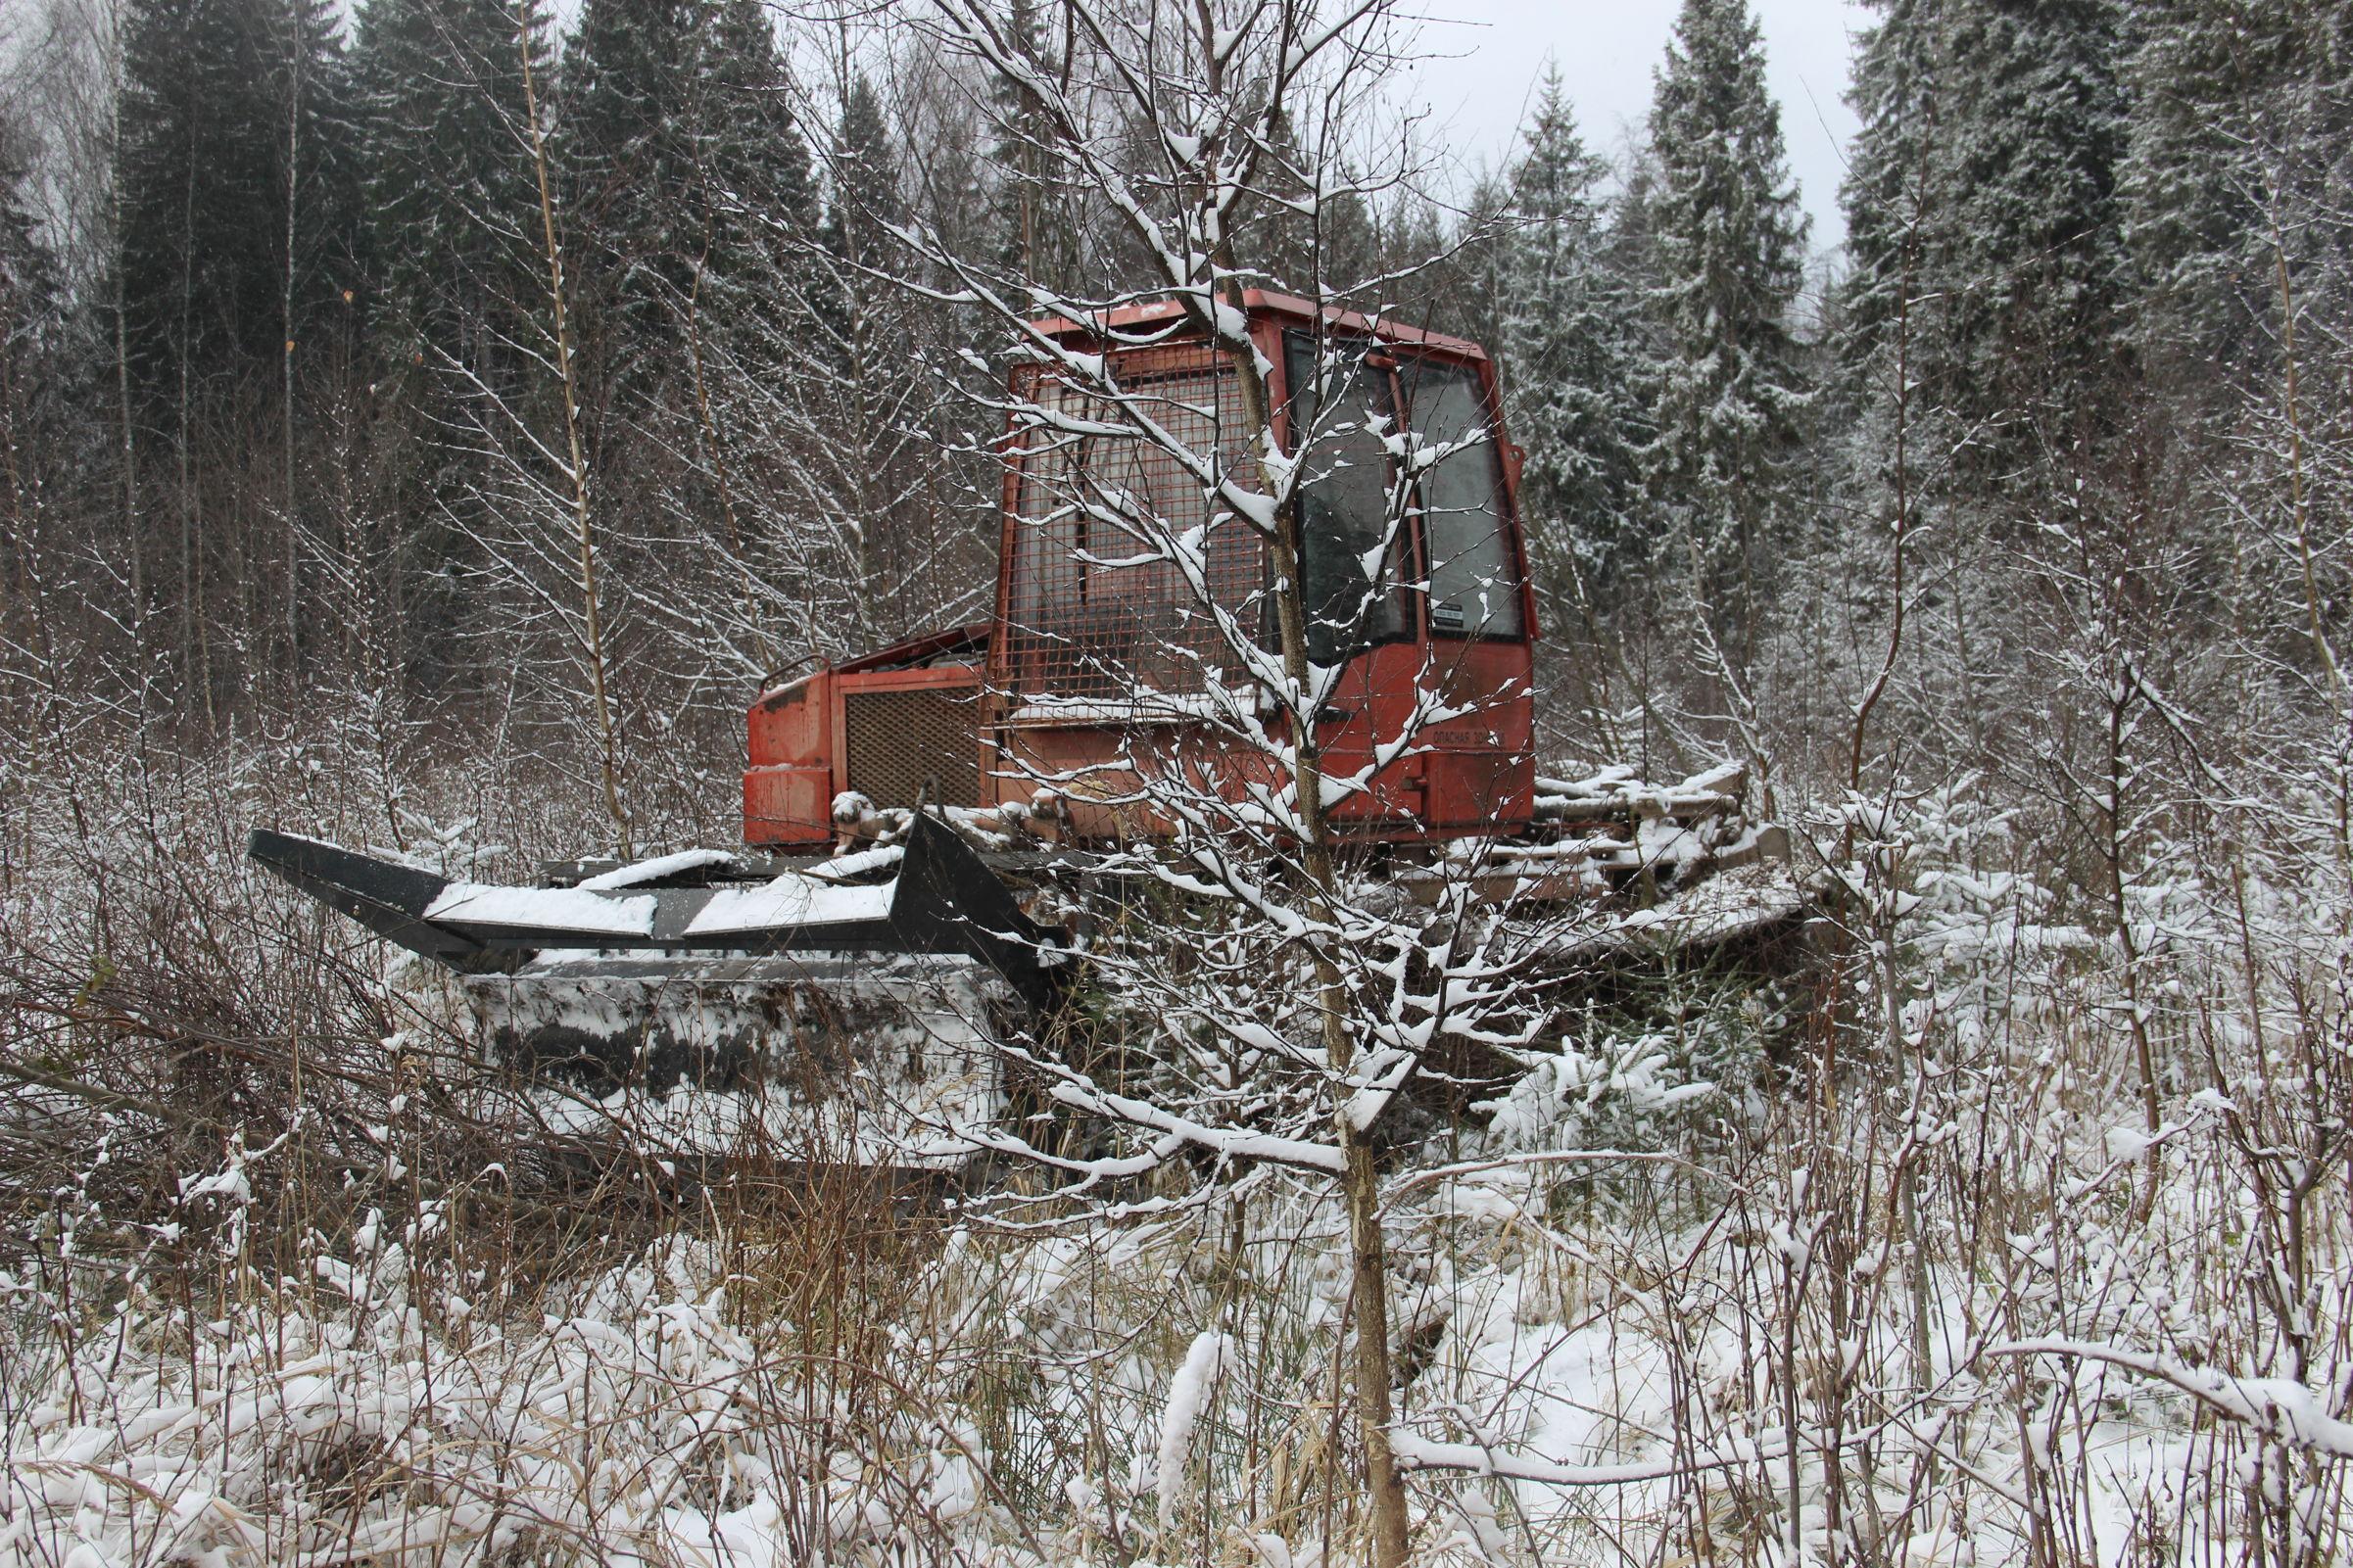 Работы по уходу за лесными культурами в регионе проведены на площади более 12 тысяч гектаров